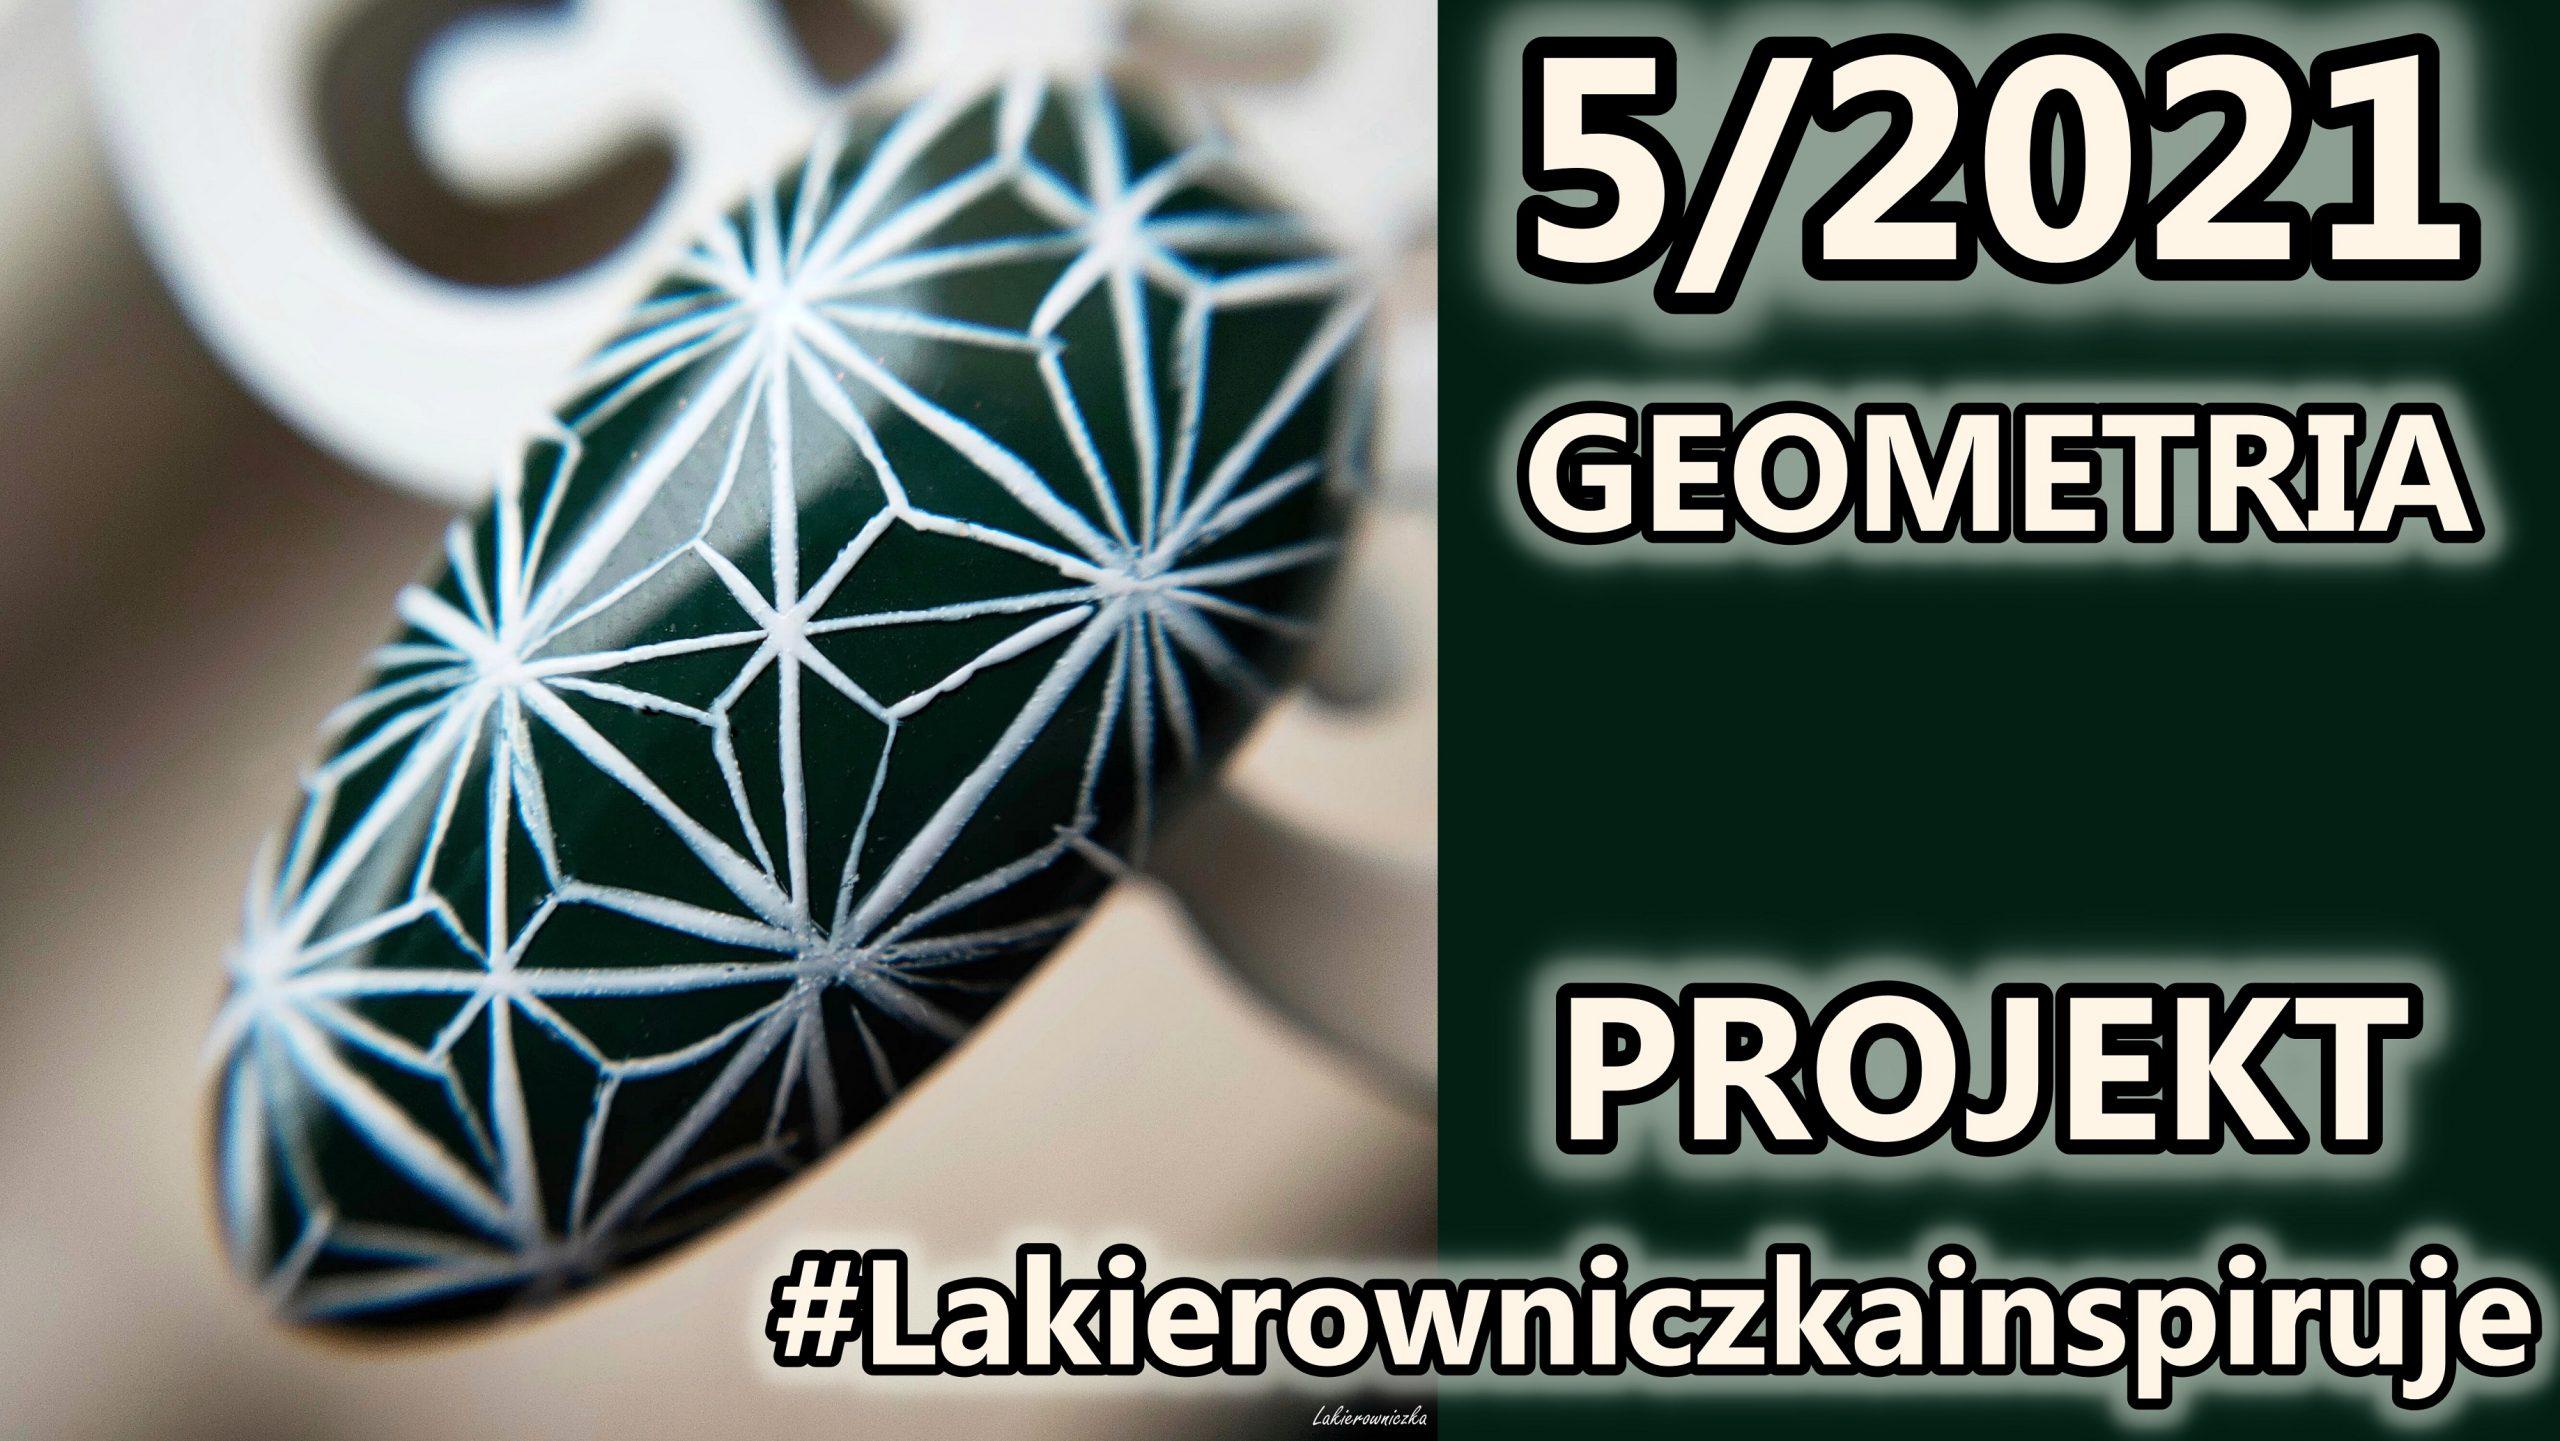 geometria-projekt-Lakierowniczkainspiruje